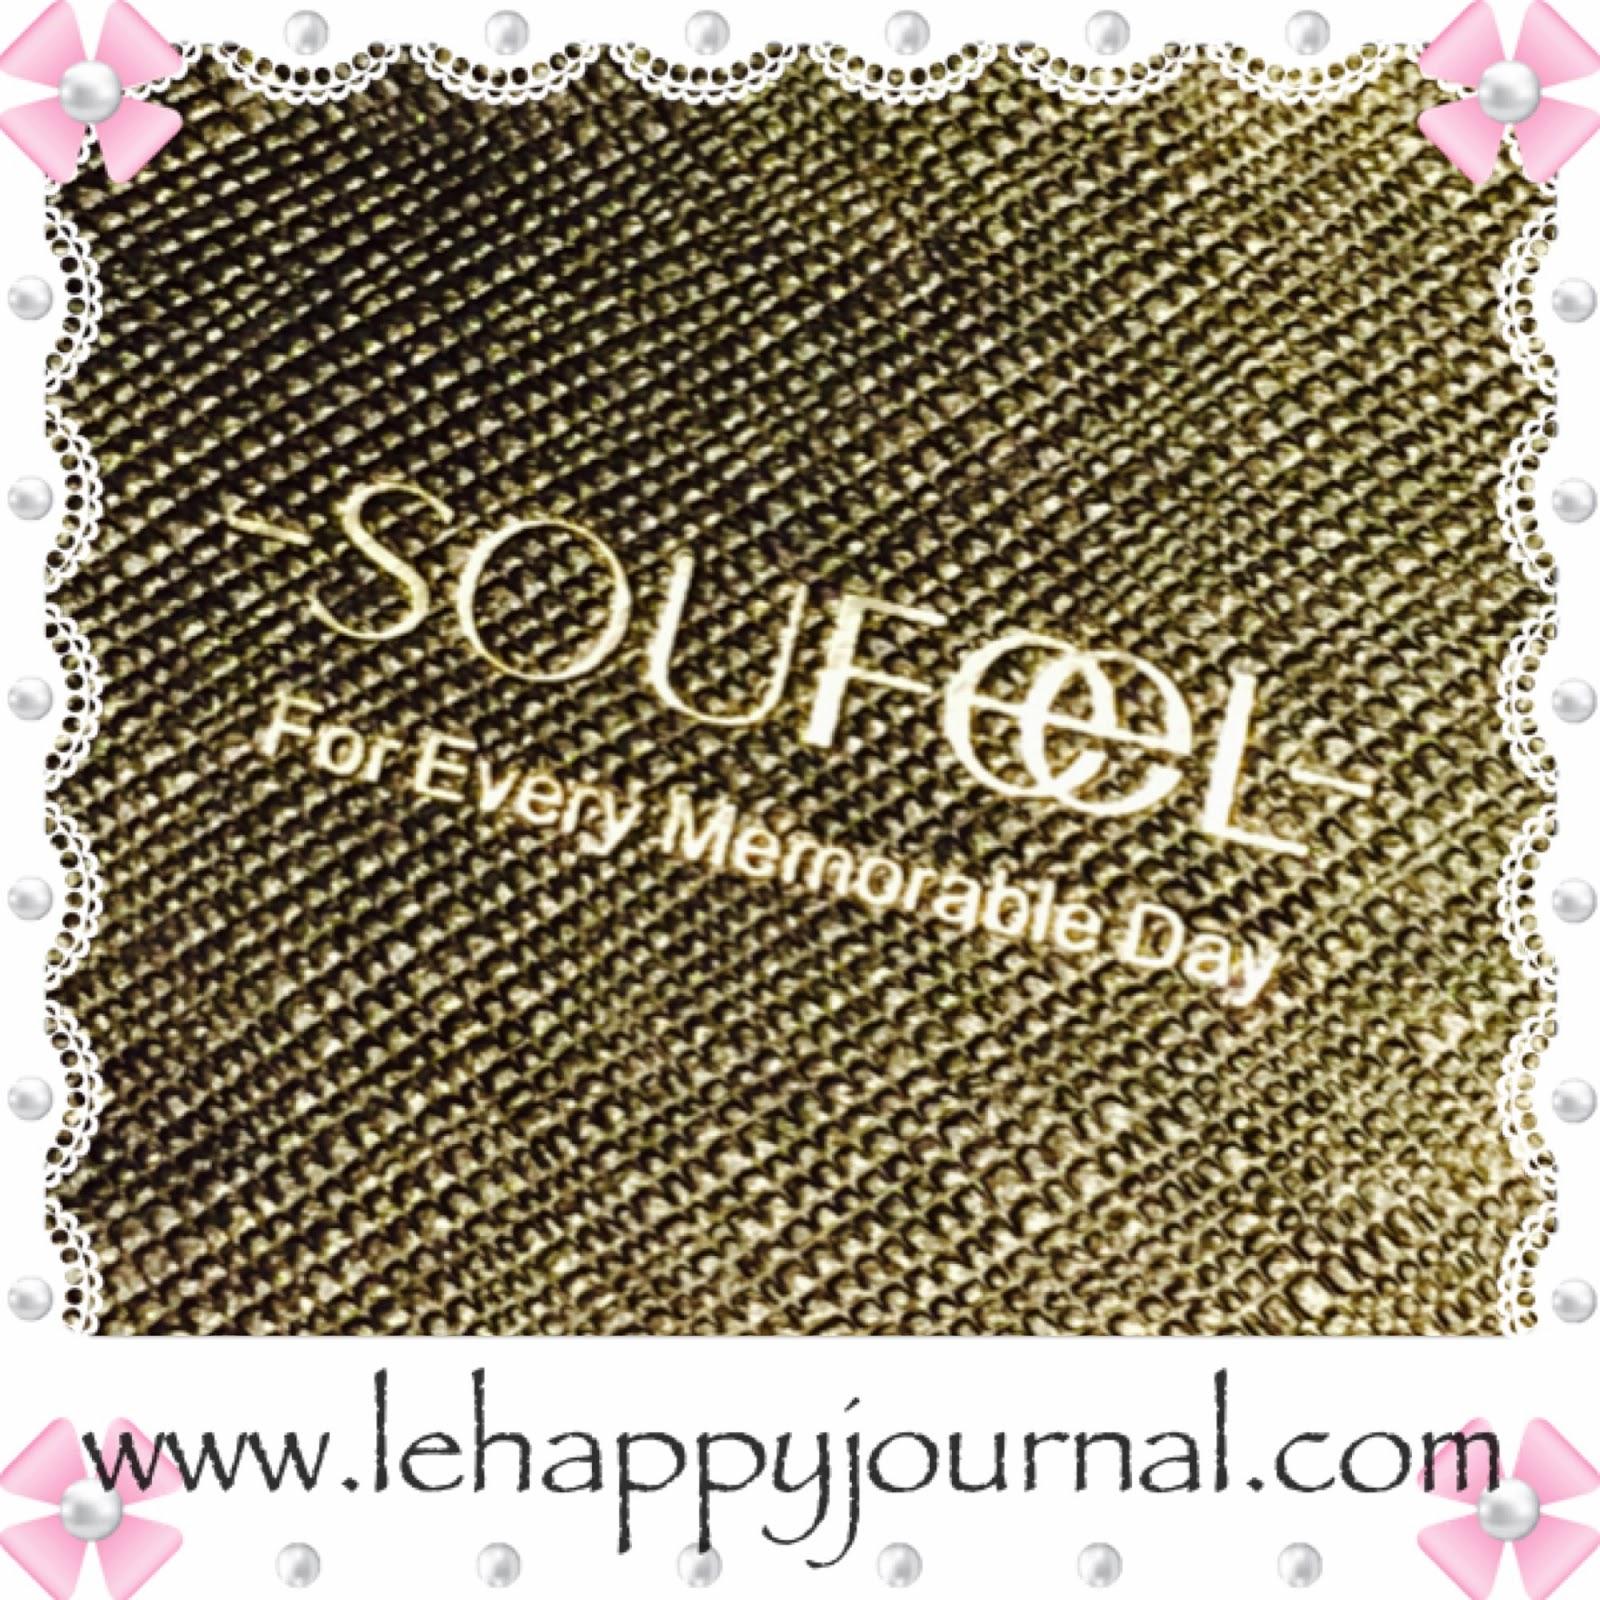 soufeel, bijoux, pas cher, bon plan, chine, charms, pandora, happy journal